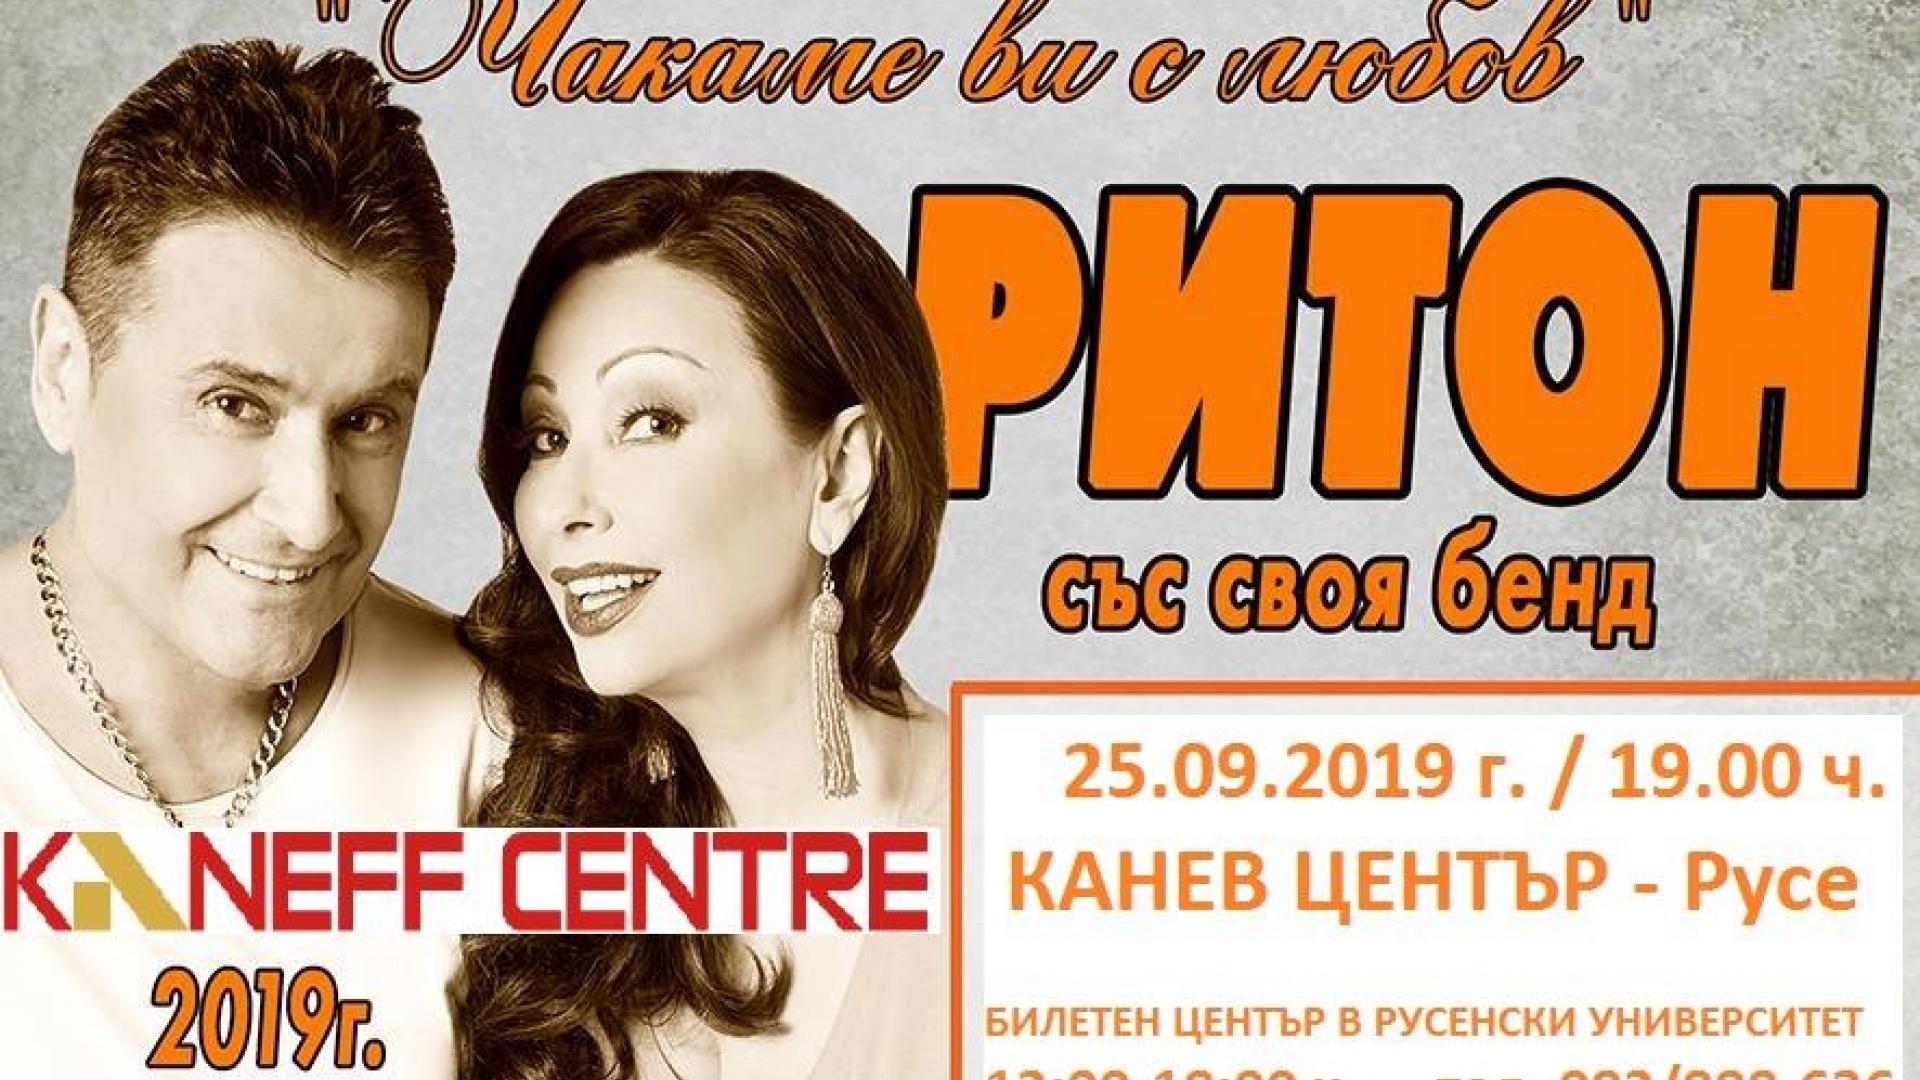 Концерт на дует Ритон в Канев